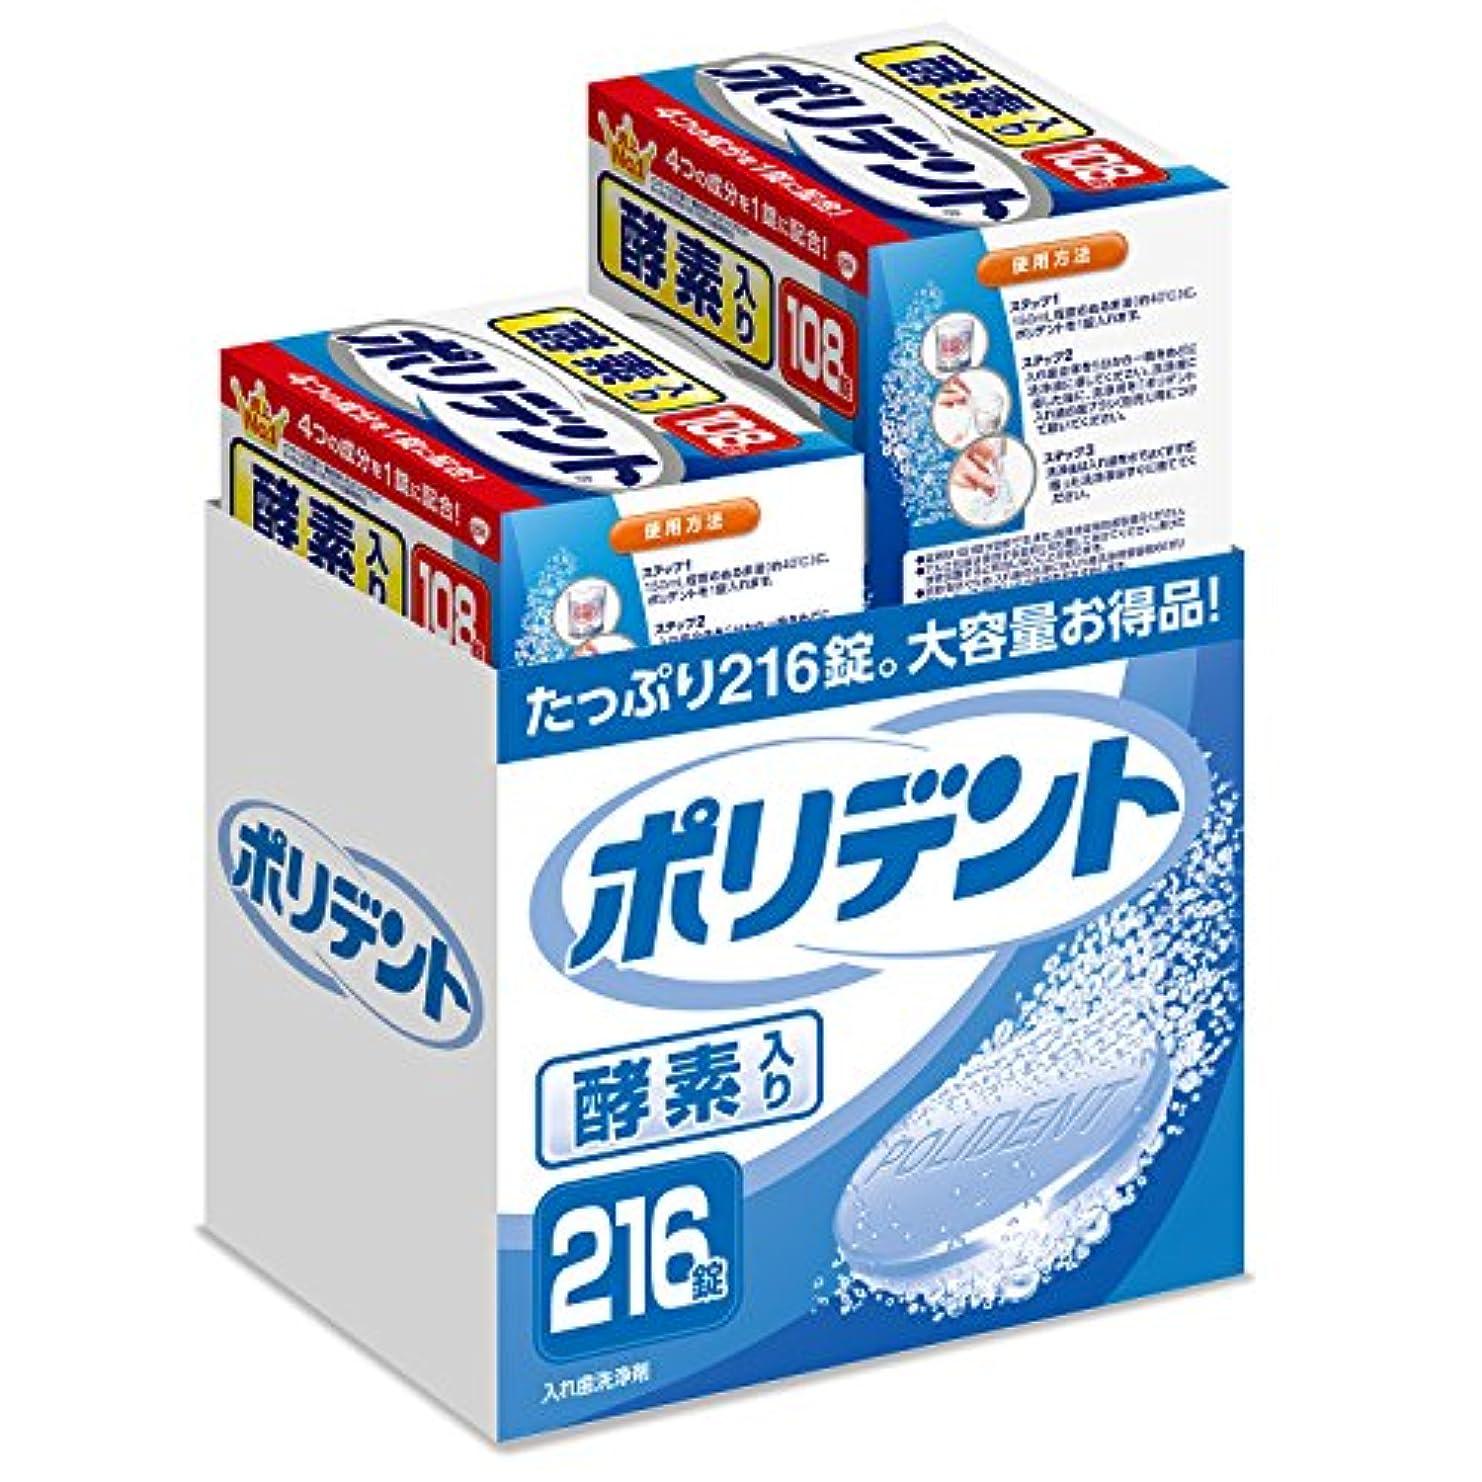 トリップオーナーそばに【Amazon.co.jp限定】入れ歯洗浄剤 酵素入りポリデント 大容量 216錠